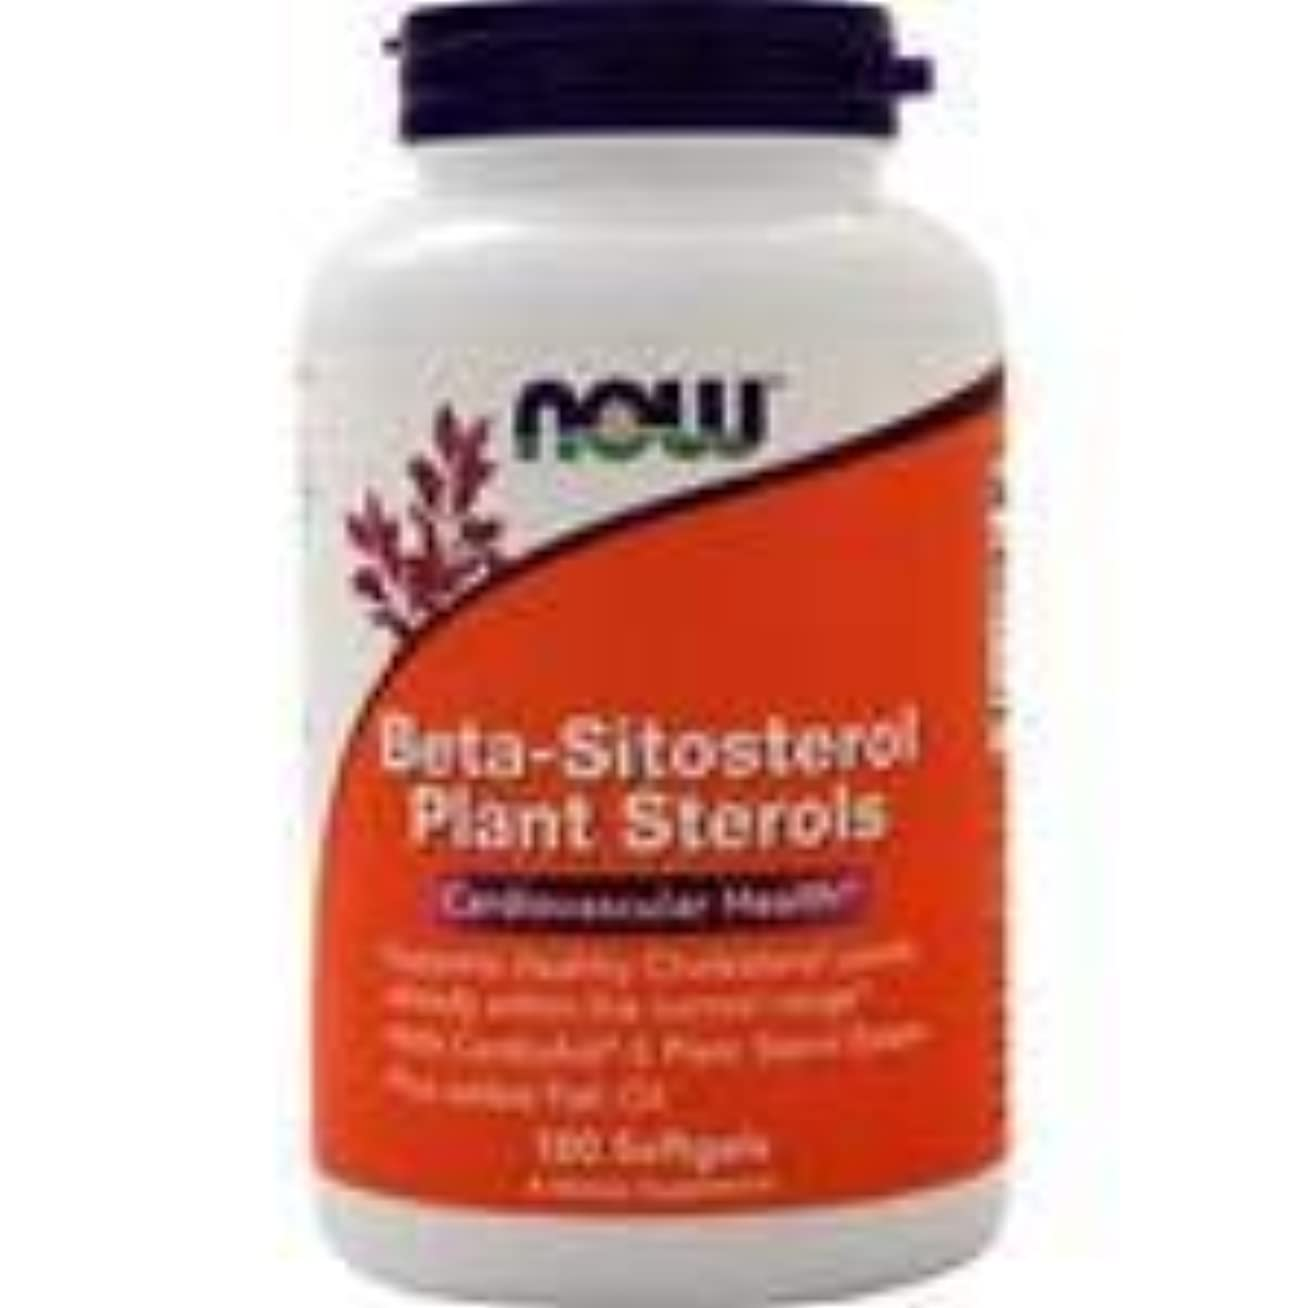 薄暗いトン伝統ベータシトステロール植物ステロール 180 sgels 2個パック